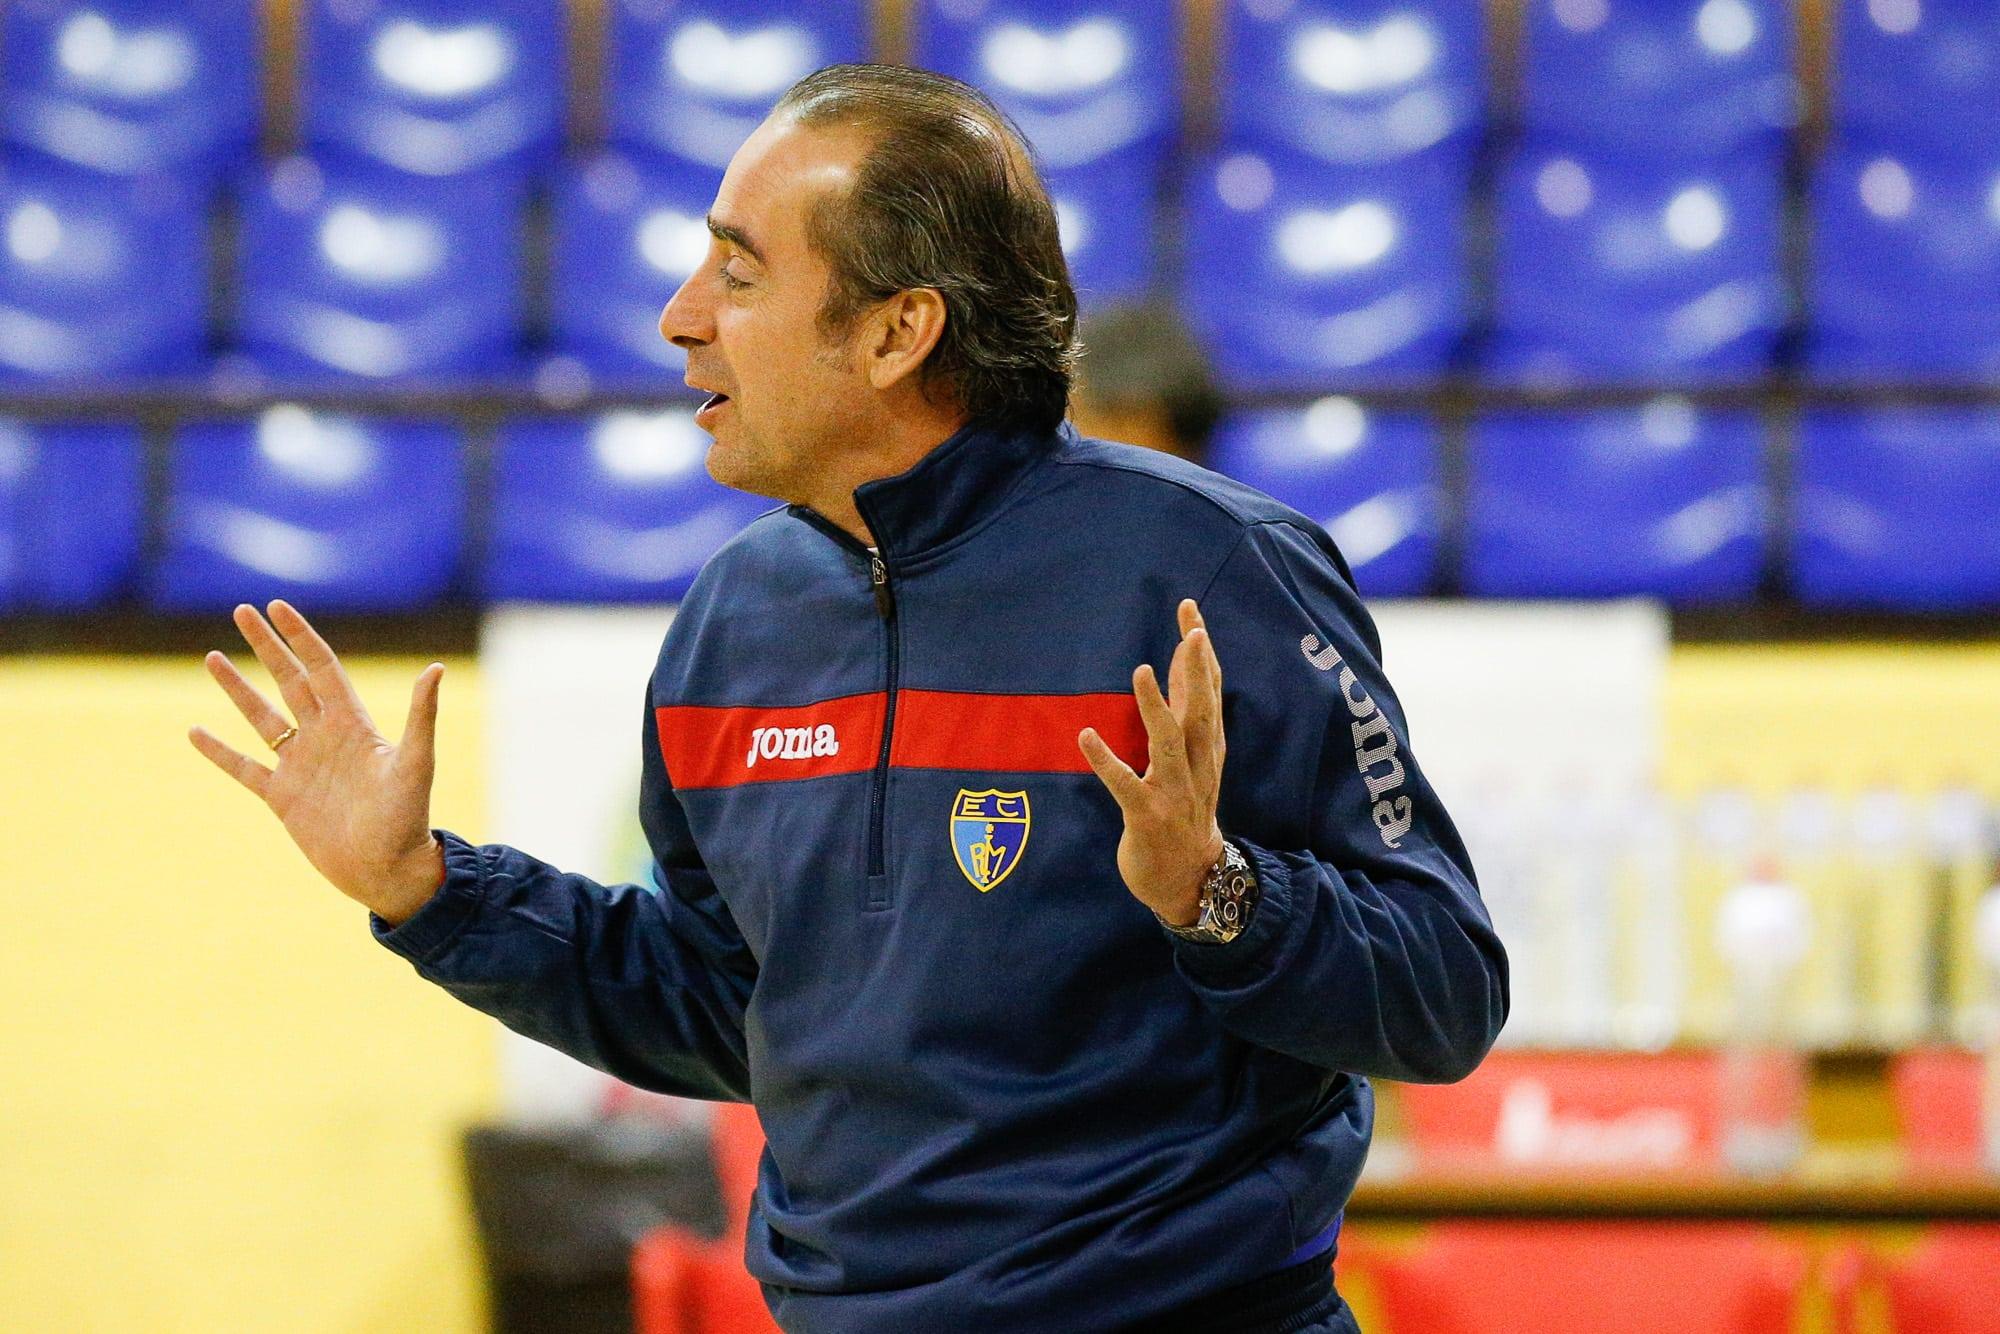 """Vidorreta: """"Tendremos la rotación interior completa, buen momento porque Cajasol puede usar hasta 6 jugadores por dentro"""""""